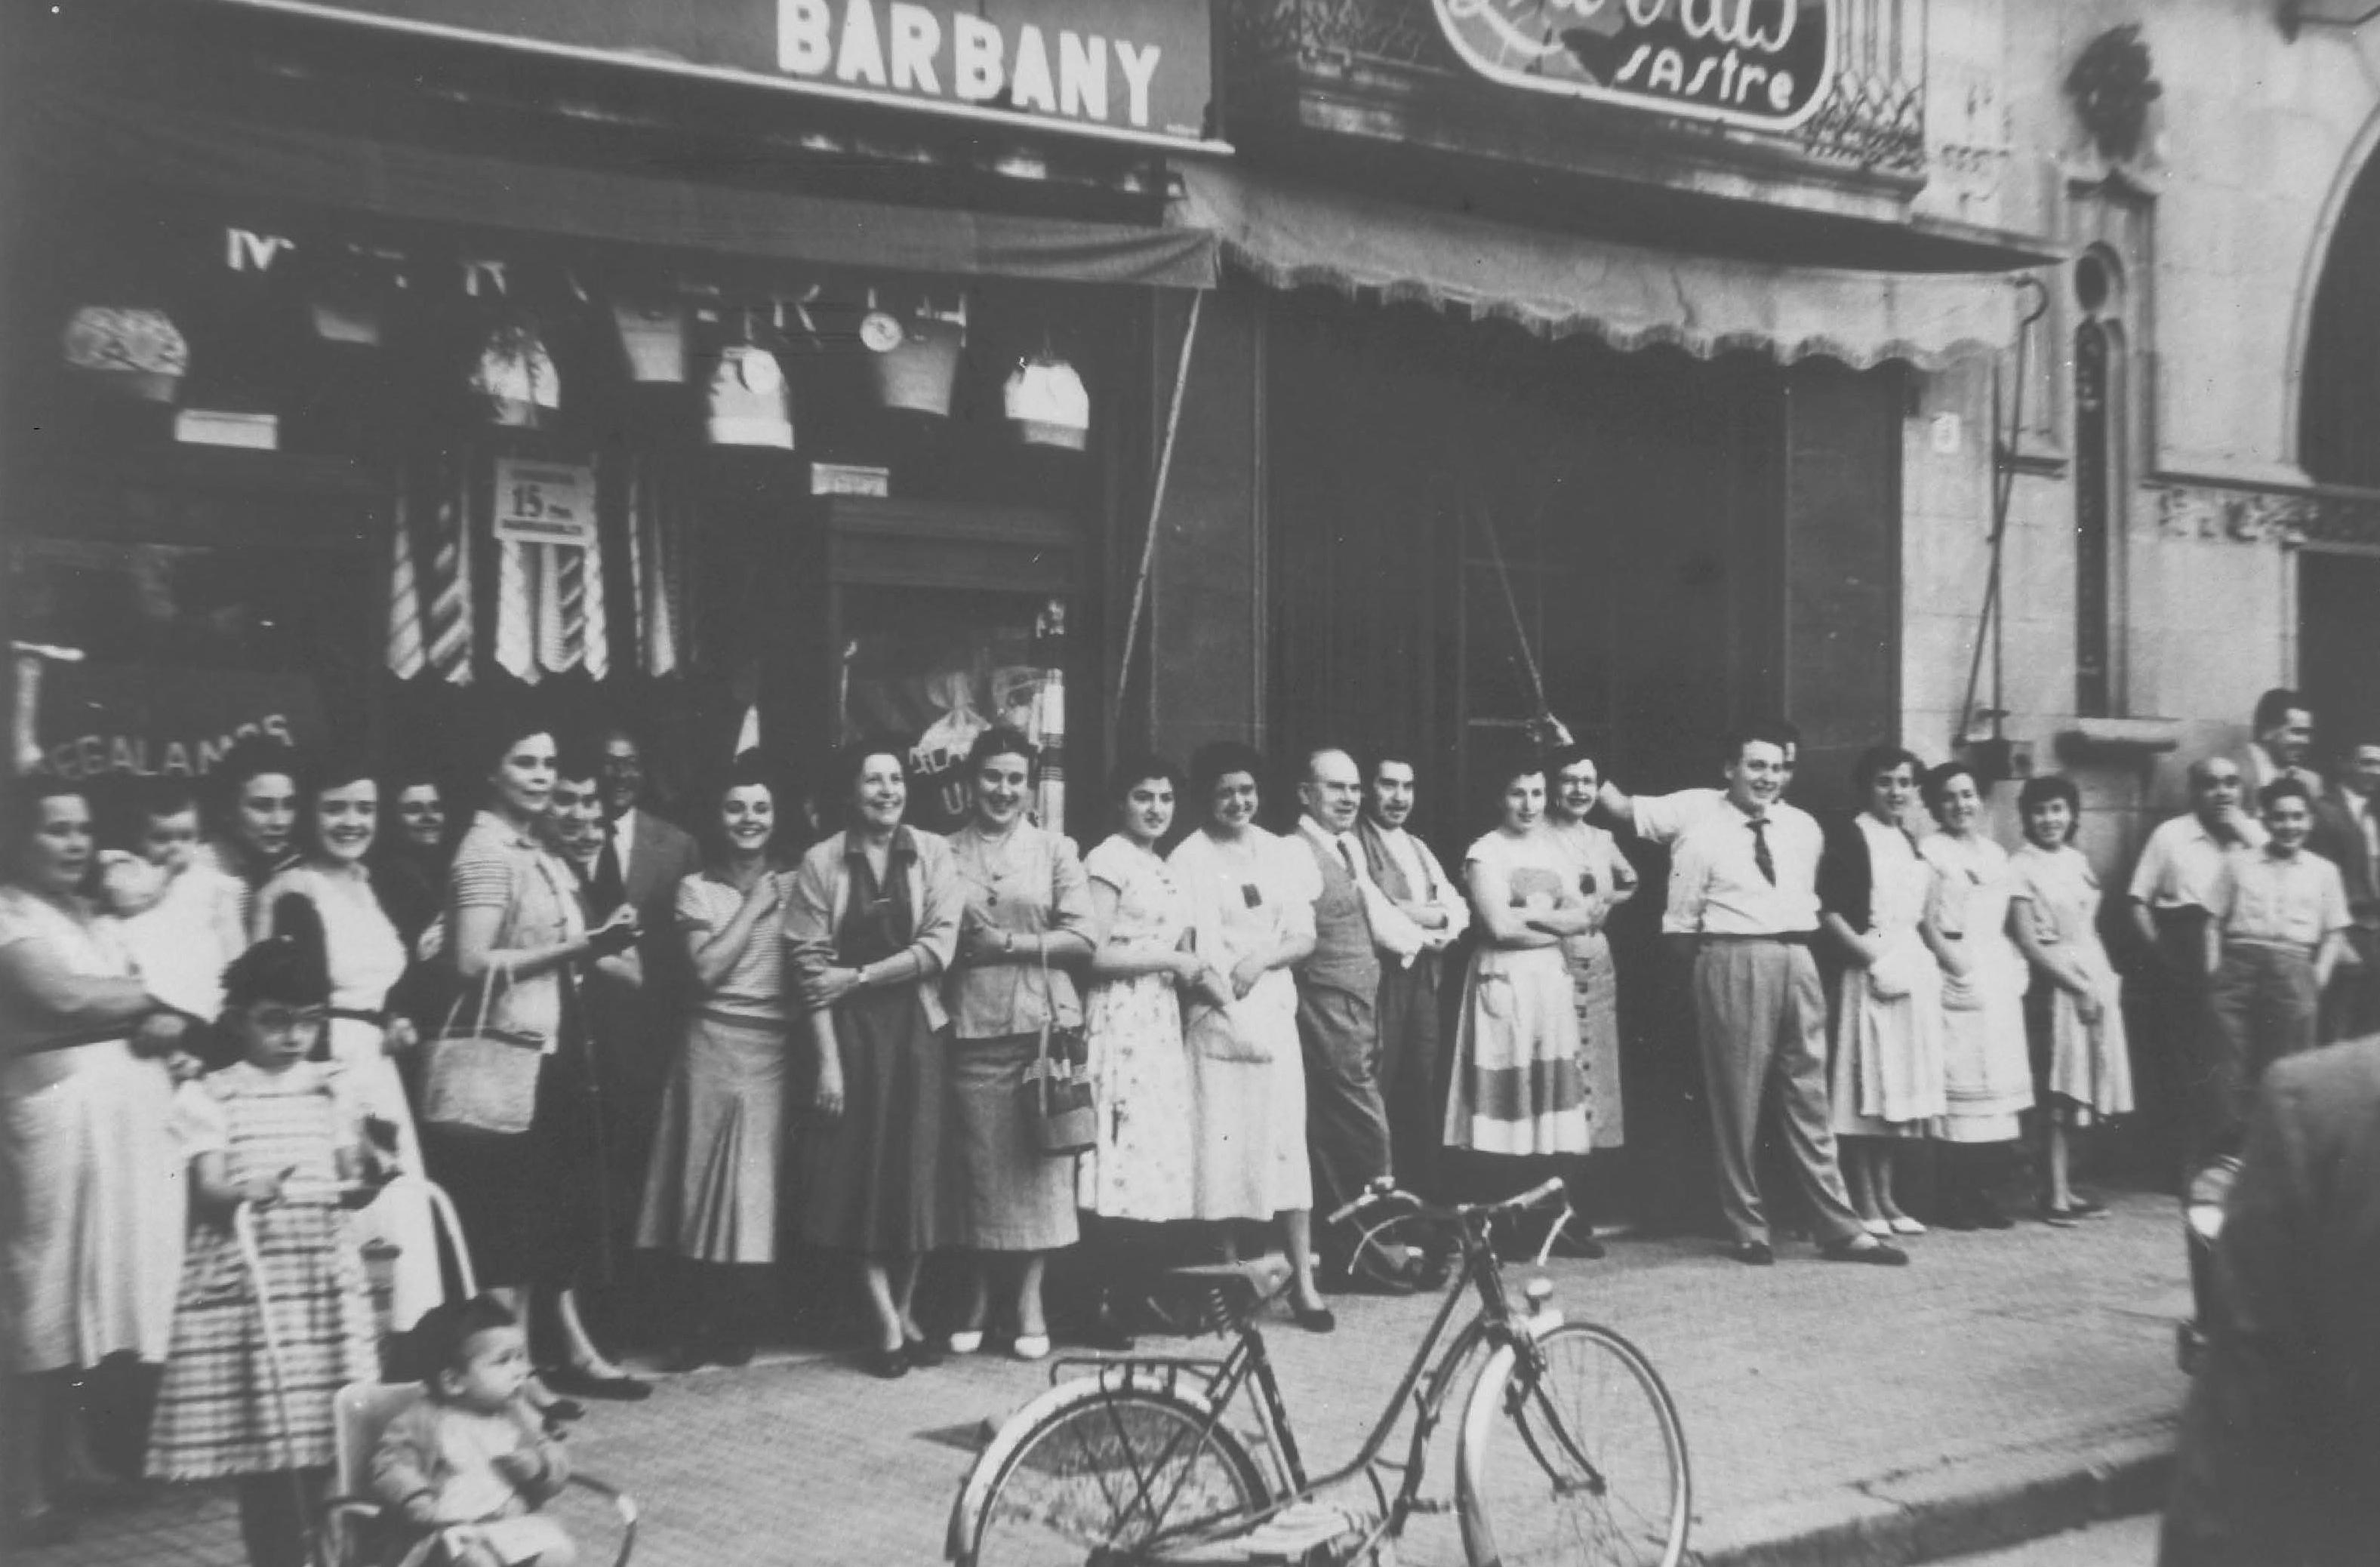 La primera tienda de ropa Barbany abre sus puertas en 1895 en Granollers.